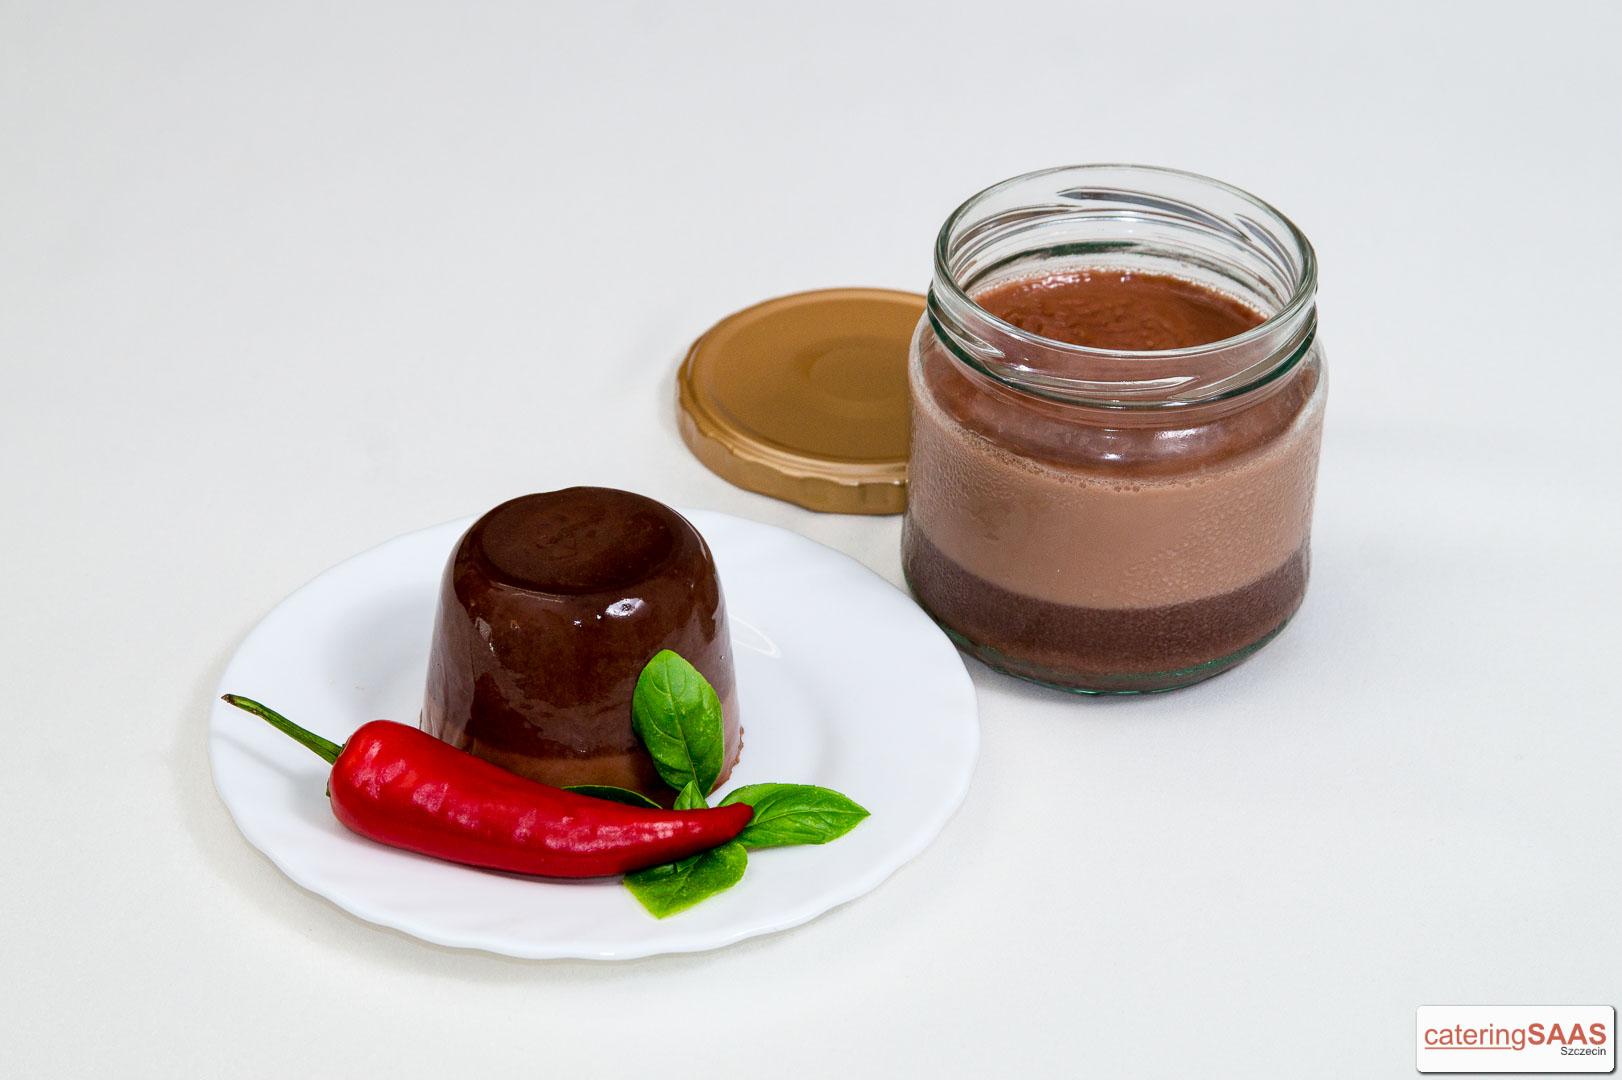 Saas czekoladowy z chili